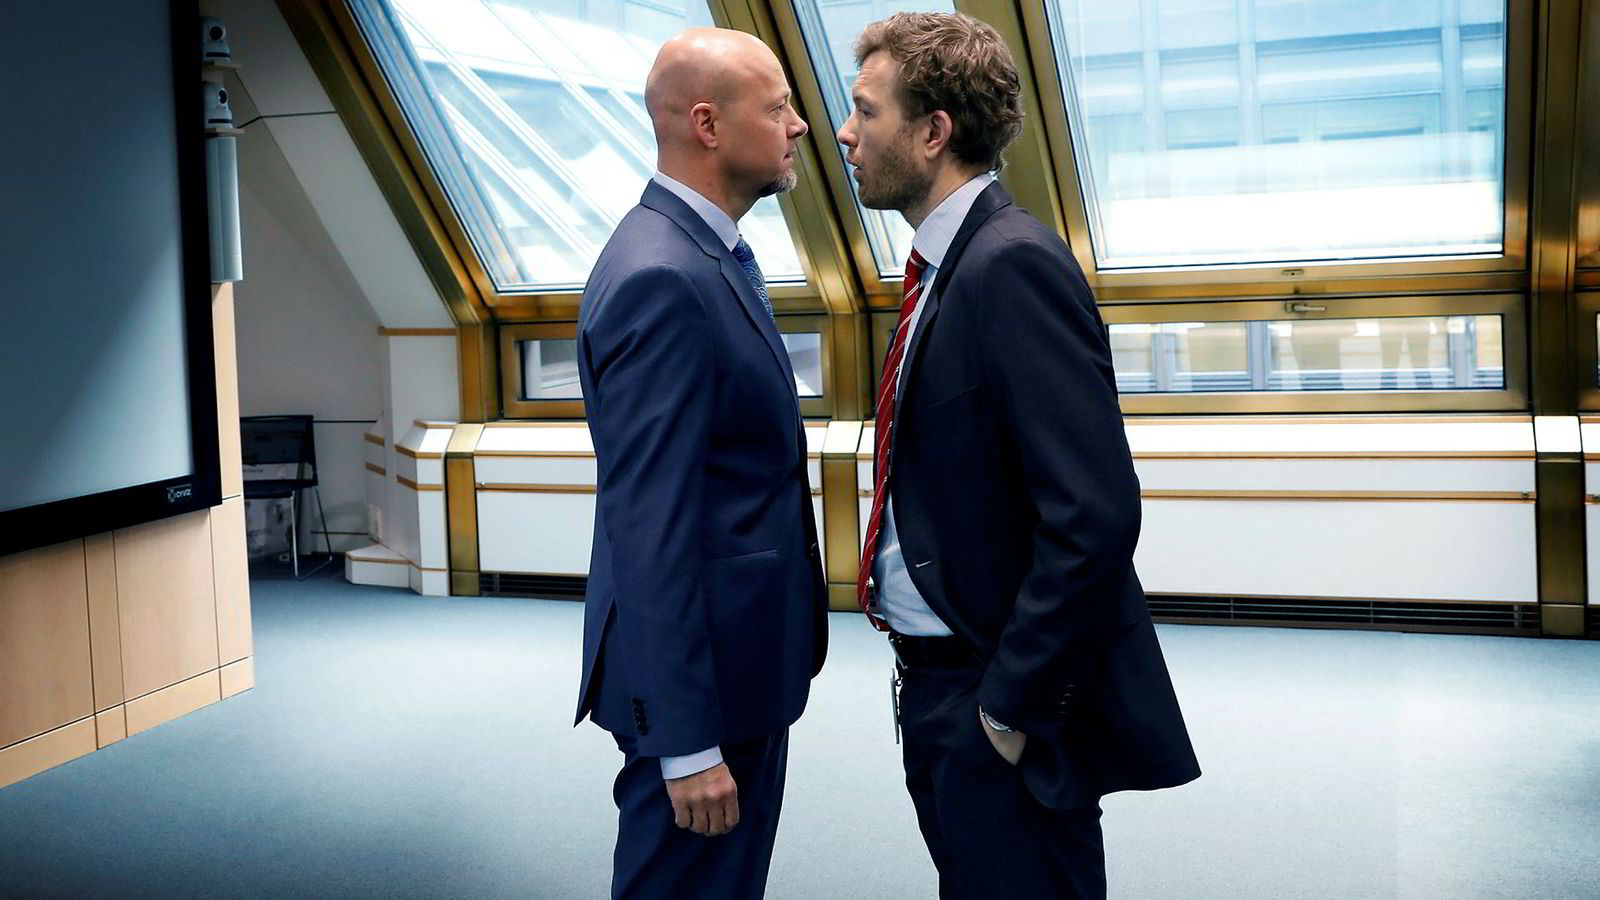 Norges Bank Investment Management (NBIM) får kritikk for sine investeringer i cannabis-aksjer. Her snakker NBIM-sjef Yngve Slyngstad (til venstre) med sin kommunikasjonssjef Thomas Sevang.